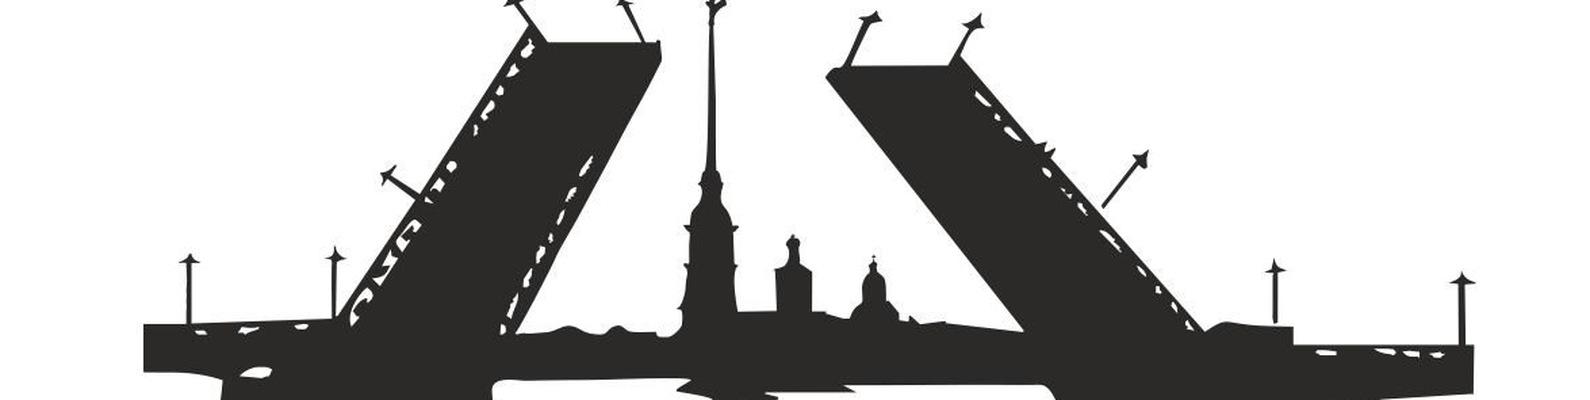 картинки символы санкт петербурга документов визы будет